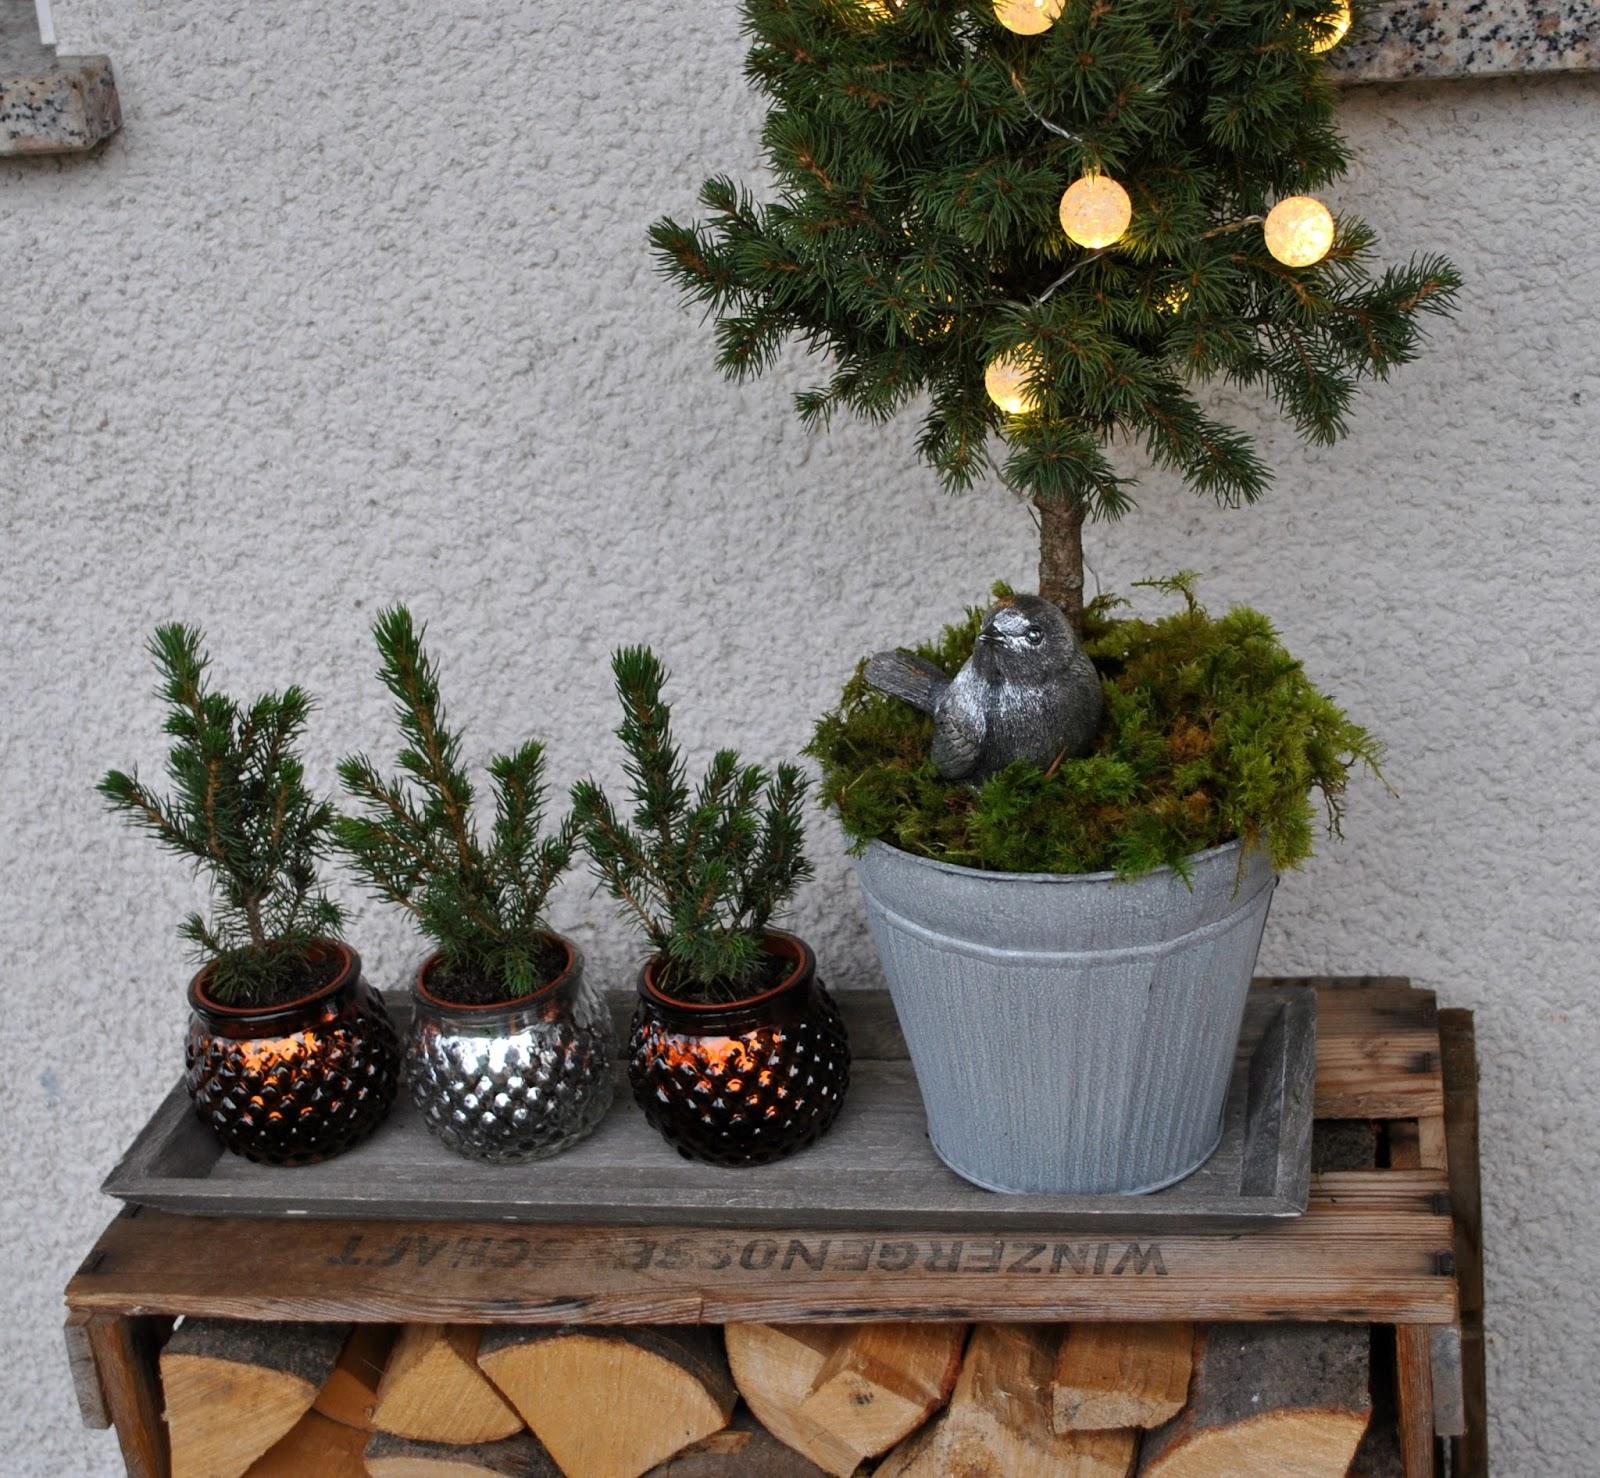 Entzückend Weinkisten Weihnachtlich Dekorieren Ideen Von Weihnachtliche Deko Von Blumen2000